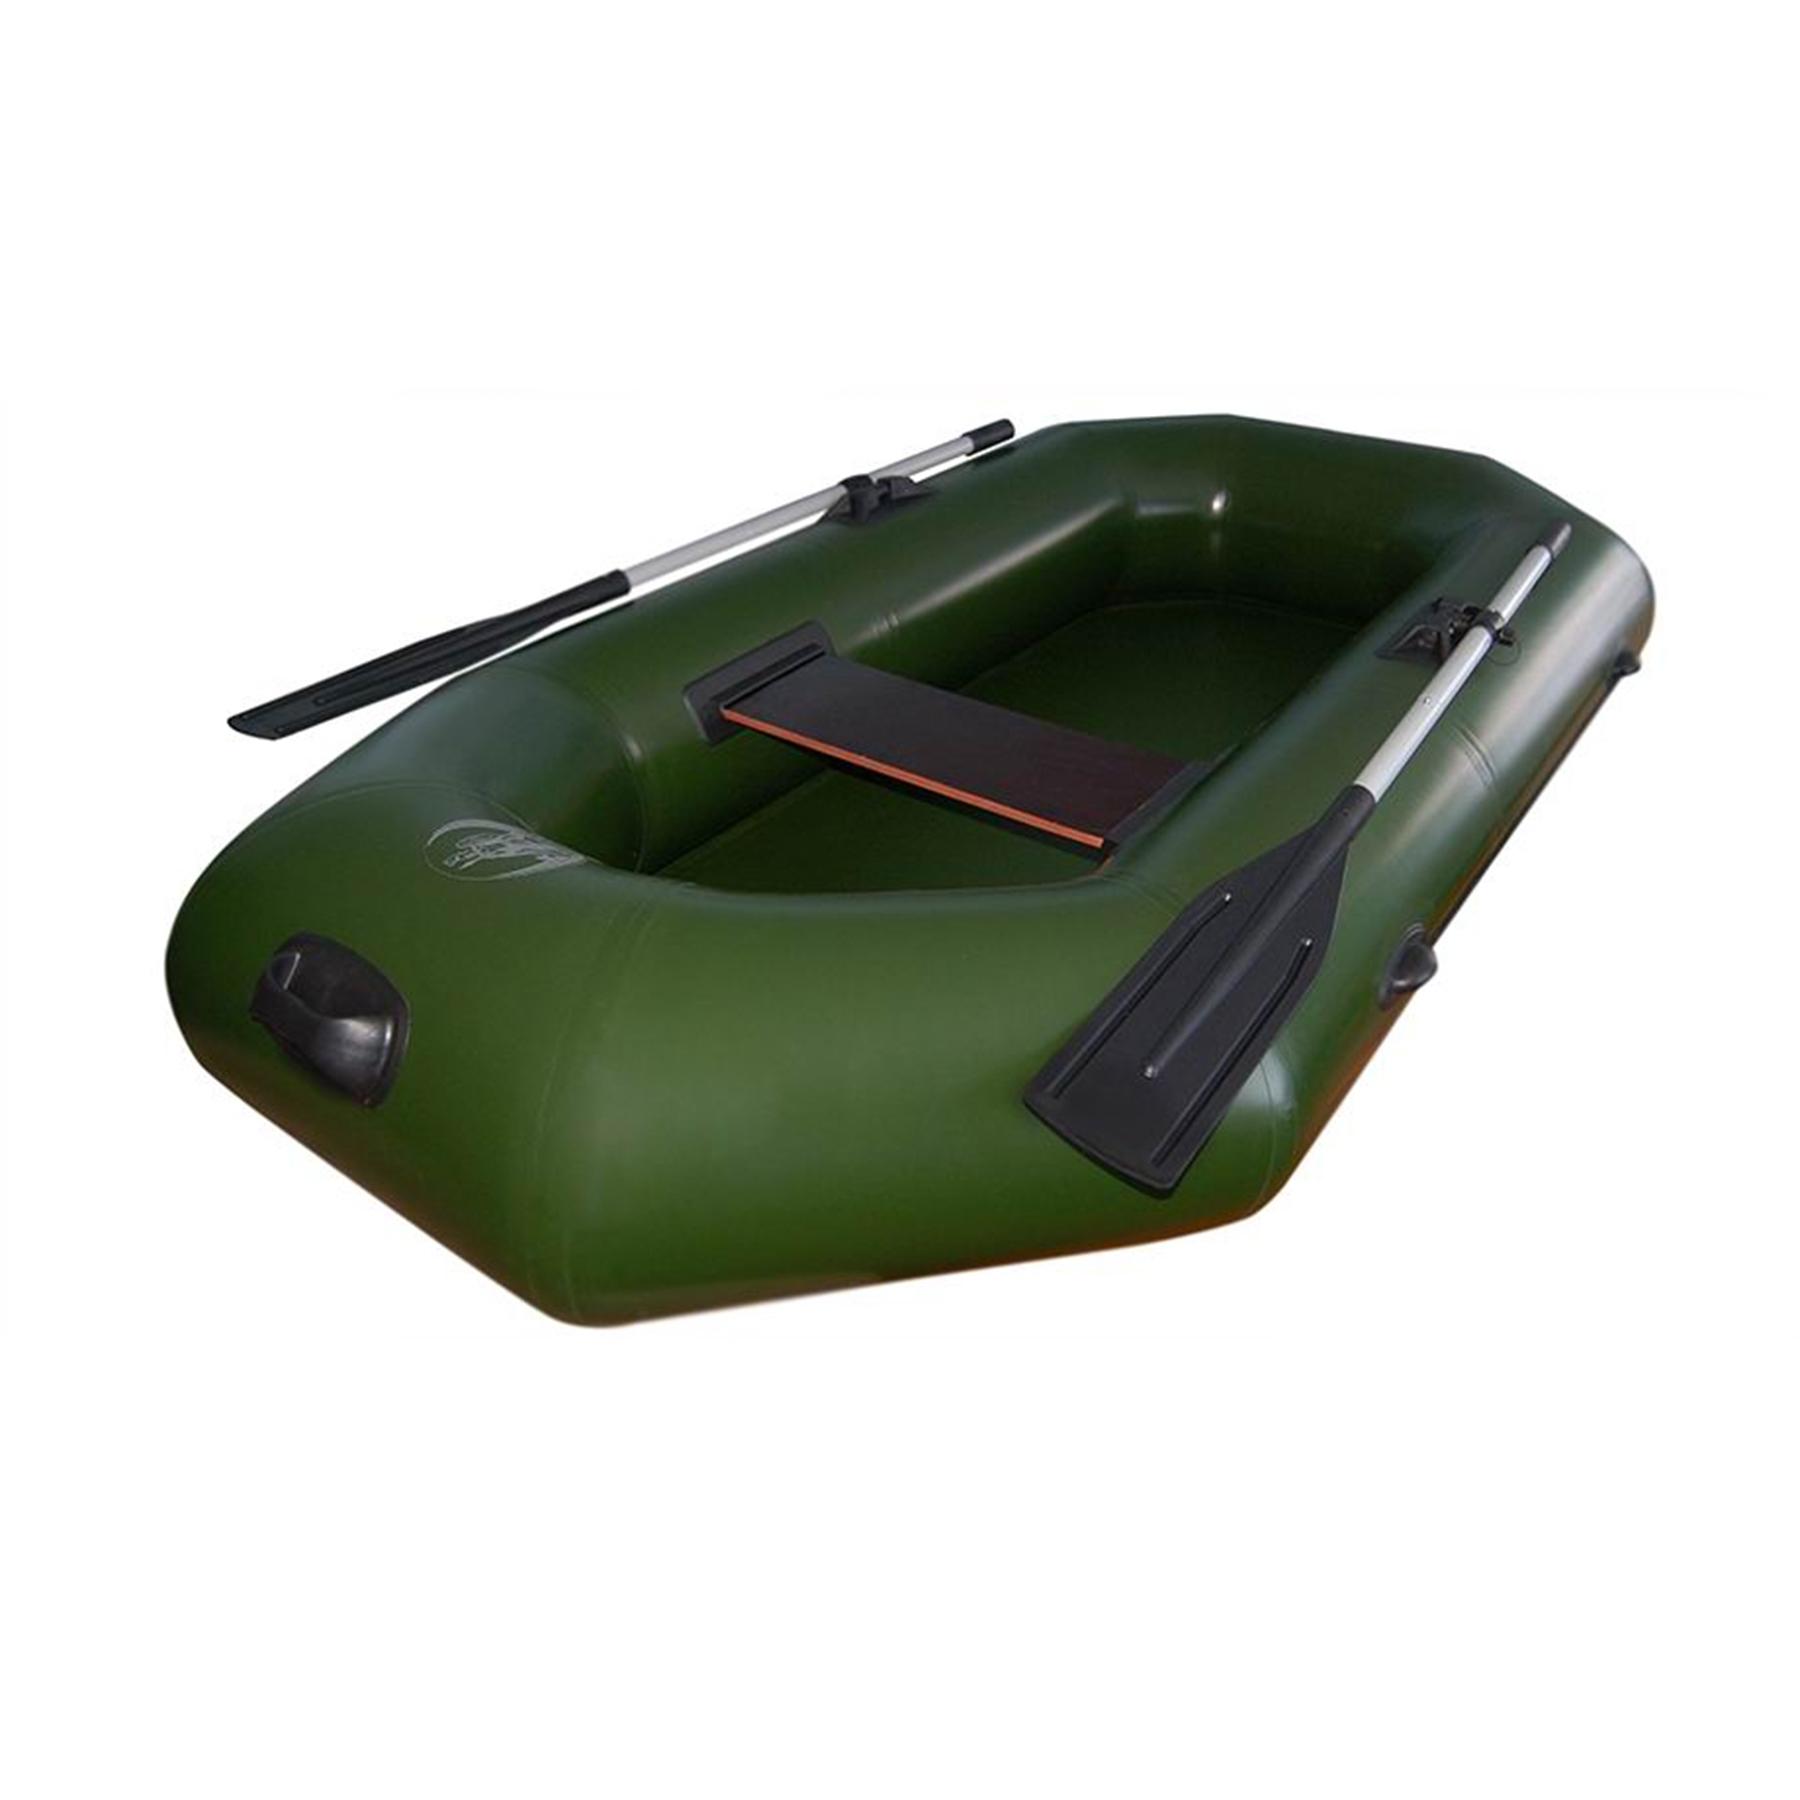 Лодка Легион - 230 / 235  (230*122см, гр.под.170 кг,2отс.,12 кг,ж.сид.,весла)